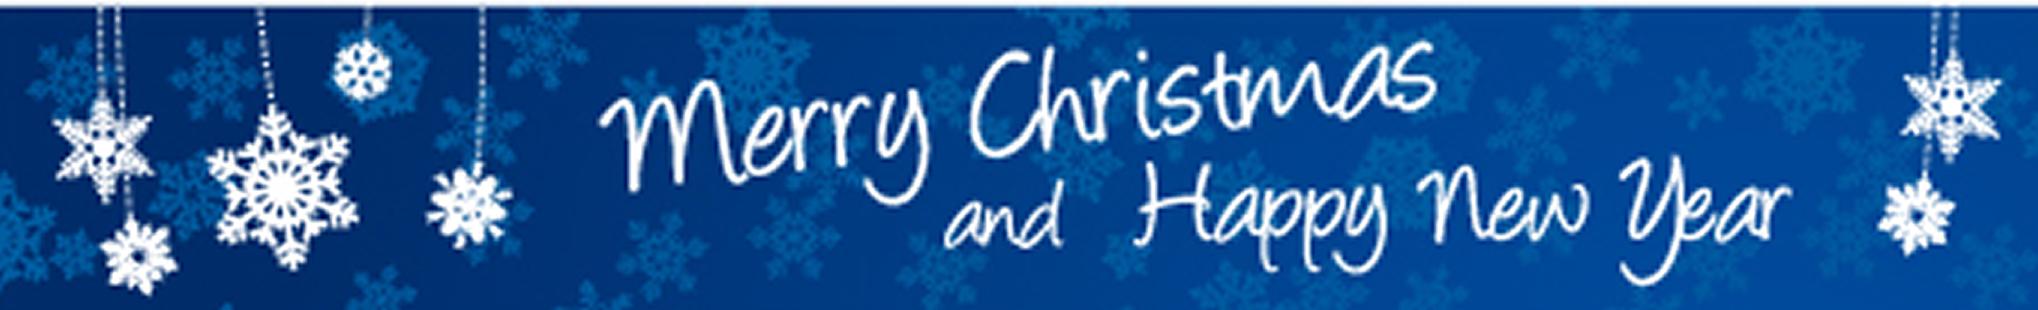 christmas_banner1